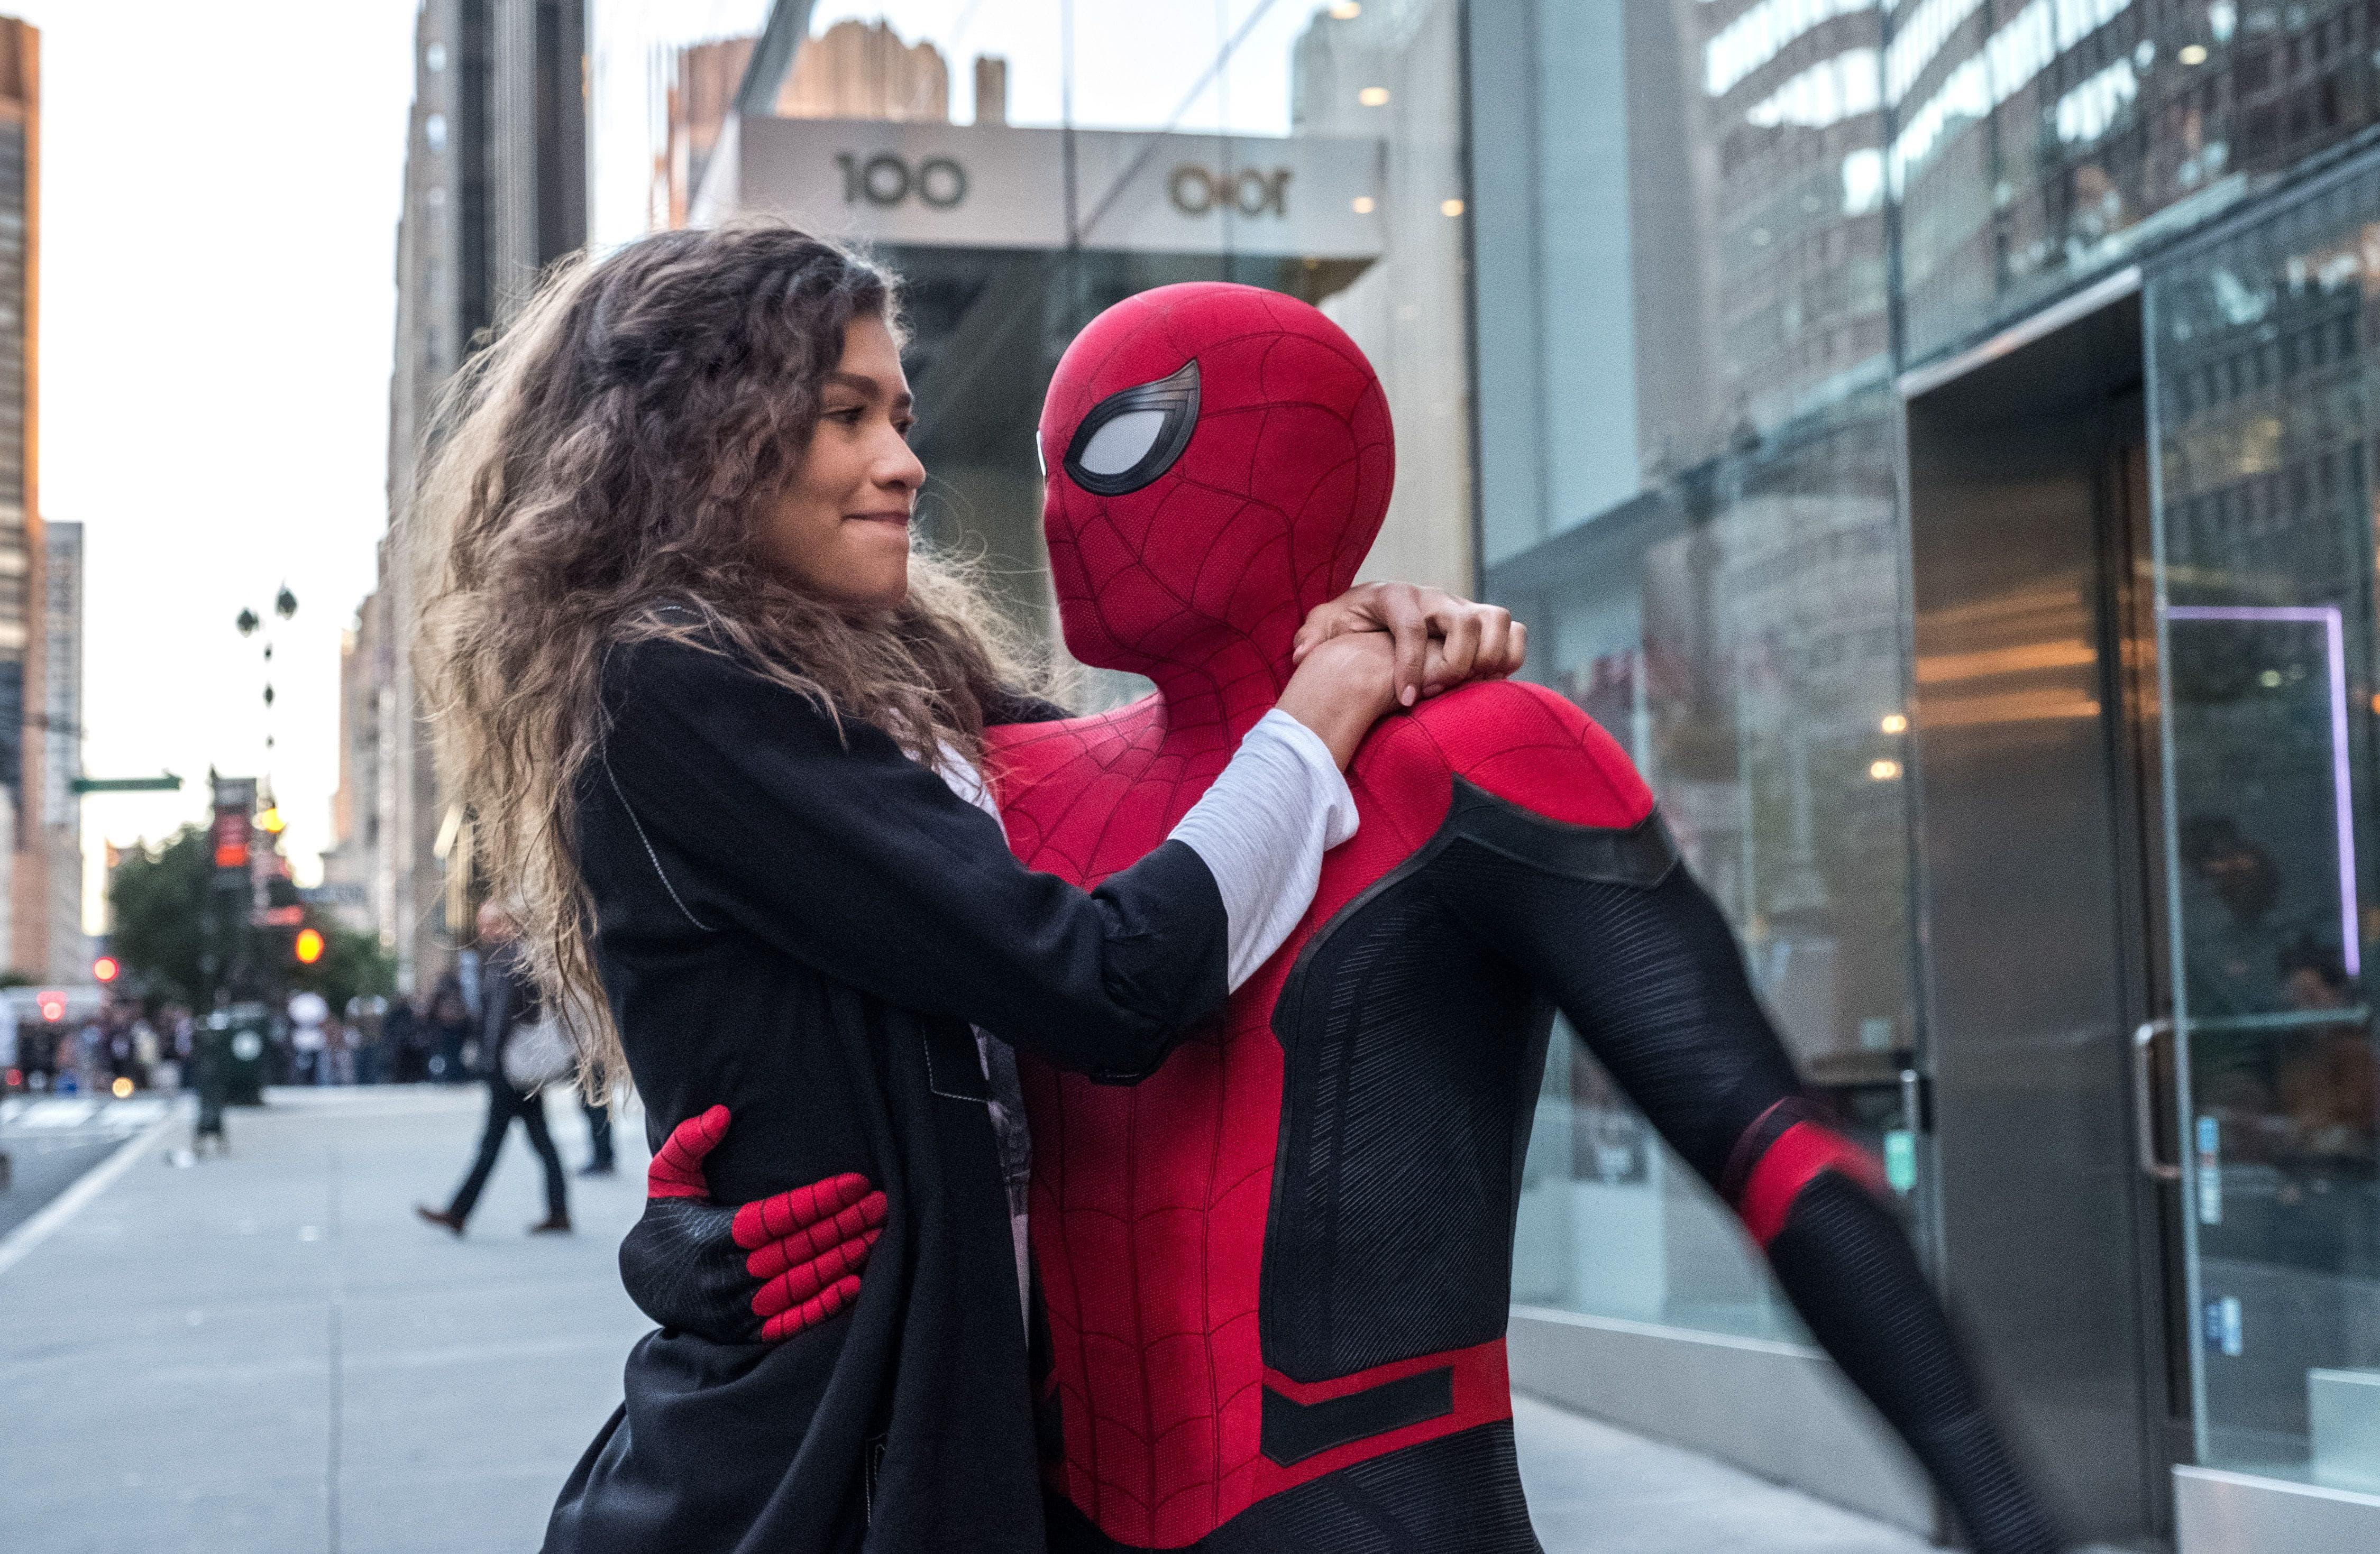 Spider-Man Far From Home :【ネタバレ厳重注意】トム・ホランド主演の「スパイダーマン」シリーズの第2弾「ファー・フロム・ホーム」が、現在公開中の「アベンジャーズ: エンドゲーム」の決定的なネタバレを含んだ新しい予告編をリリース ! !